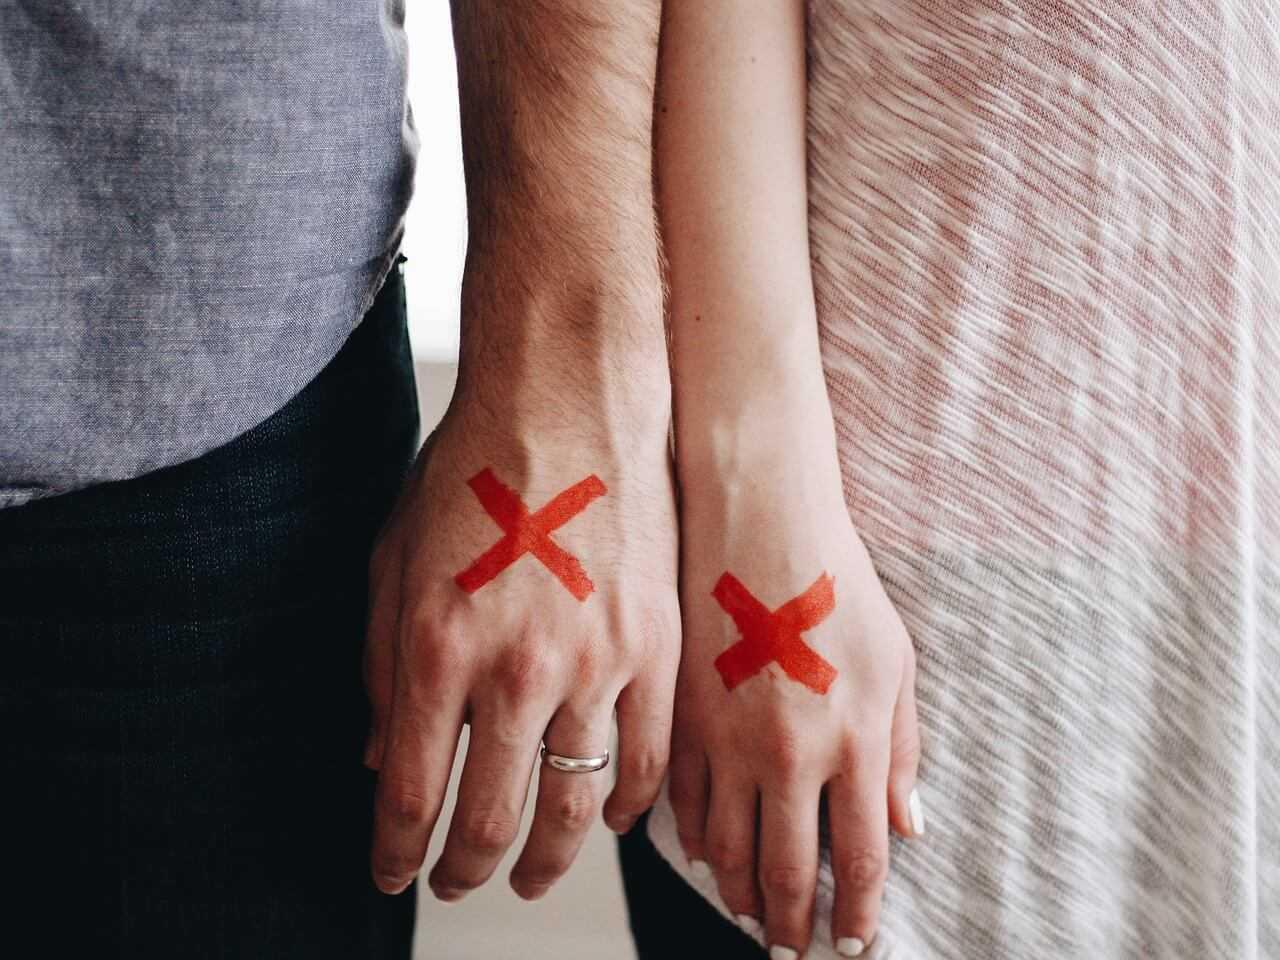 האם אונס בת הזוג הנשואה הוא עילה לגירושין?